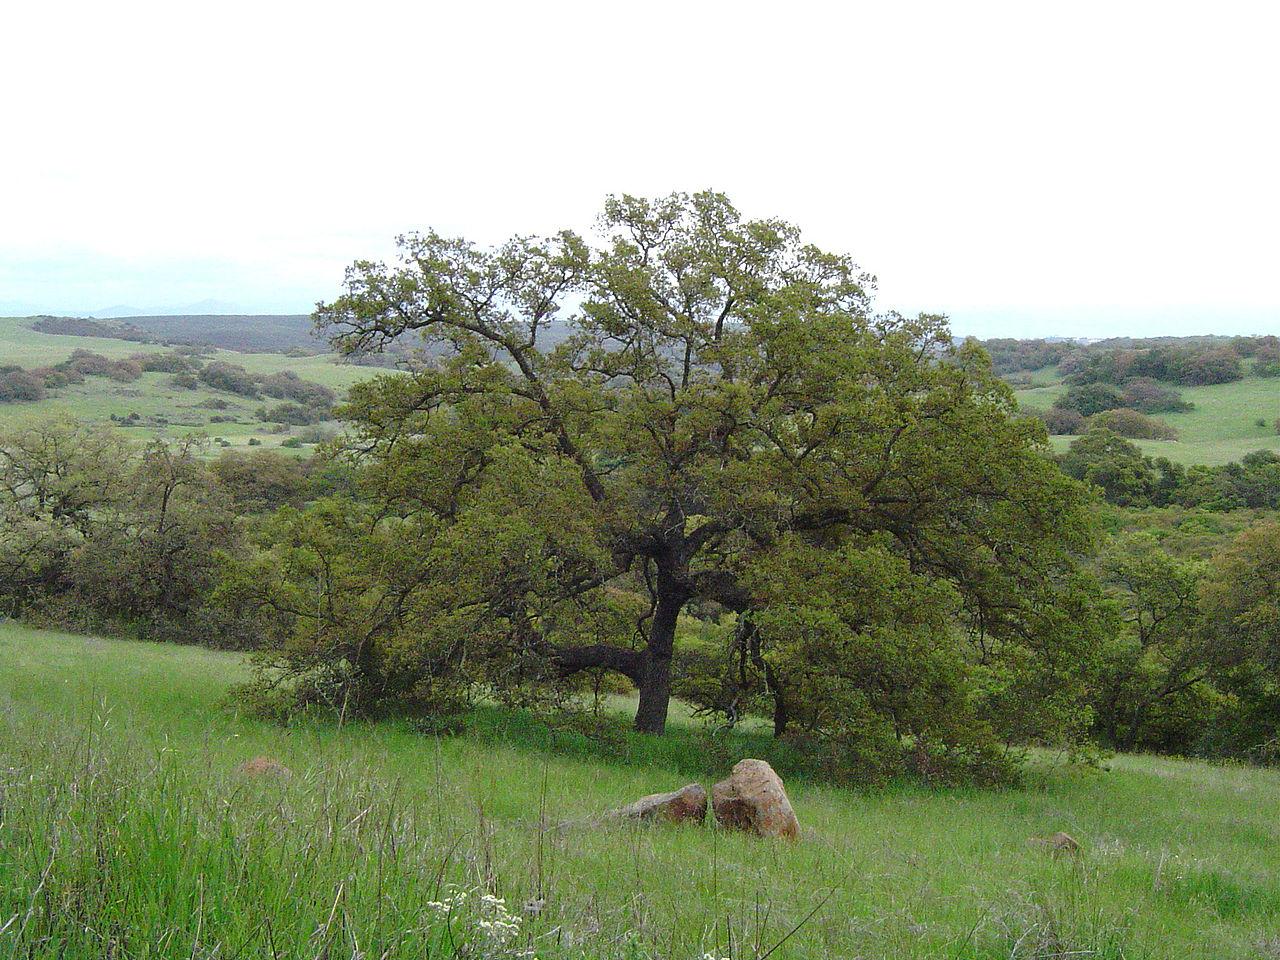 Quercus engelmanii